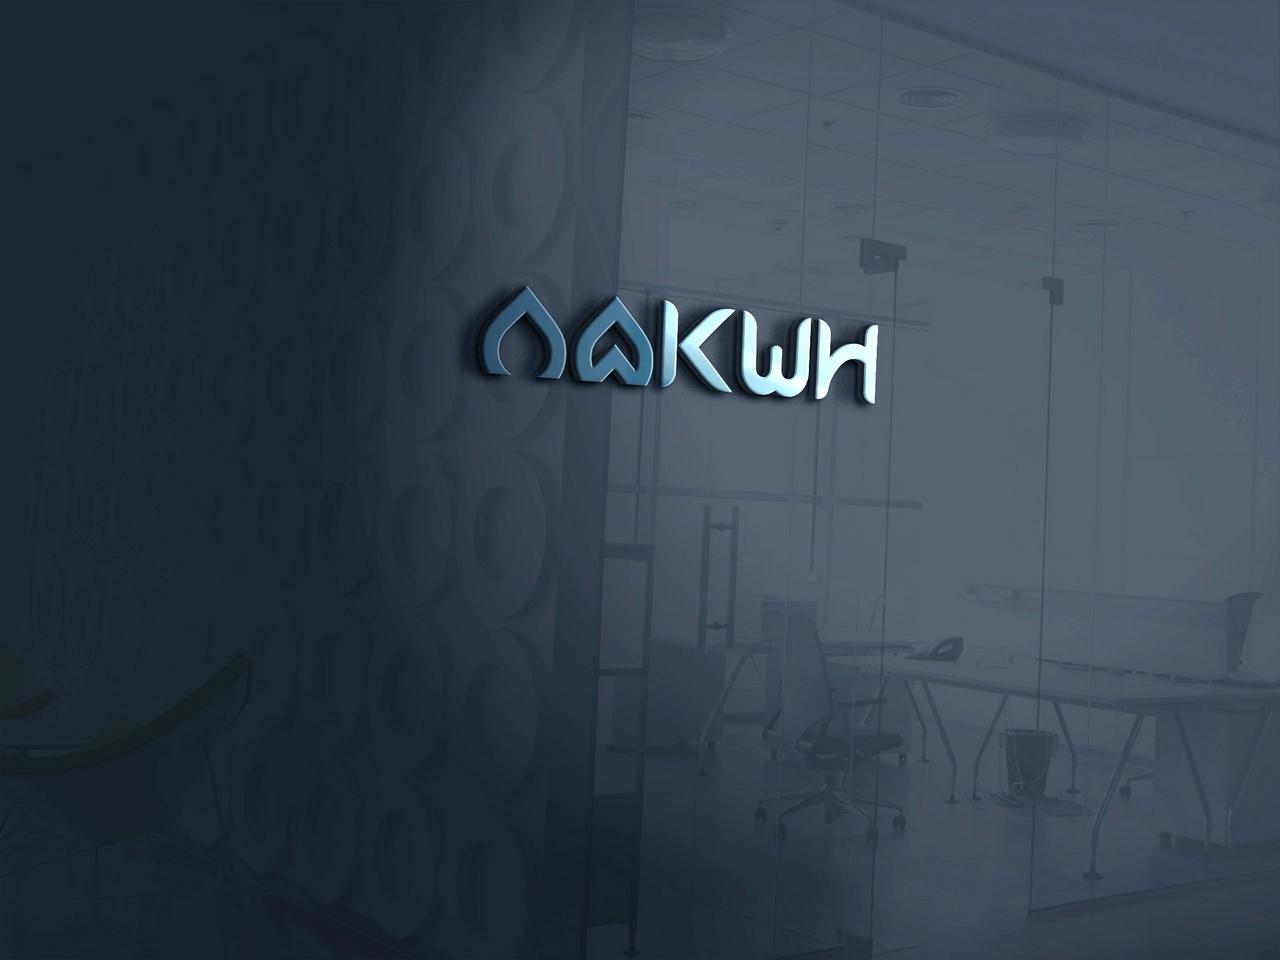 Разработка логотипа фирменного стиля фото f_8075c559eeb16eb7.jpg